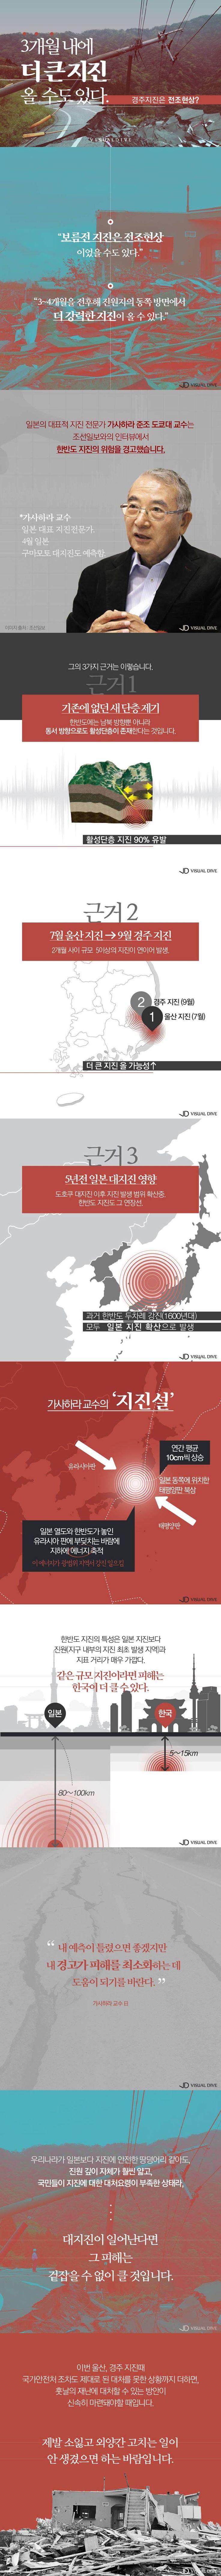 3개월 내에 더 큰 지진 올 수도 있다. [카드뉴스] #earthquake / #cardnews ⓒ 비주얼다이브 무단 복사·전재·재배포 금지